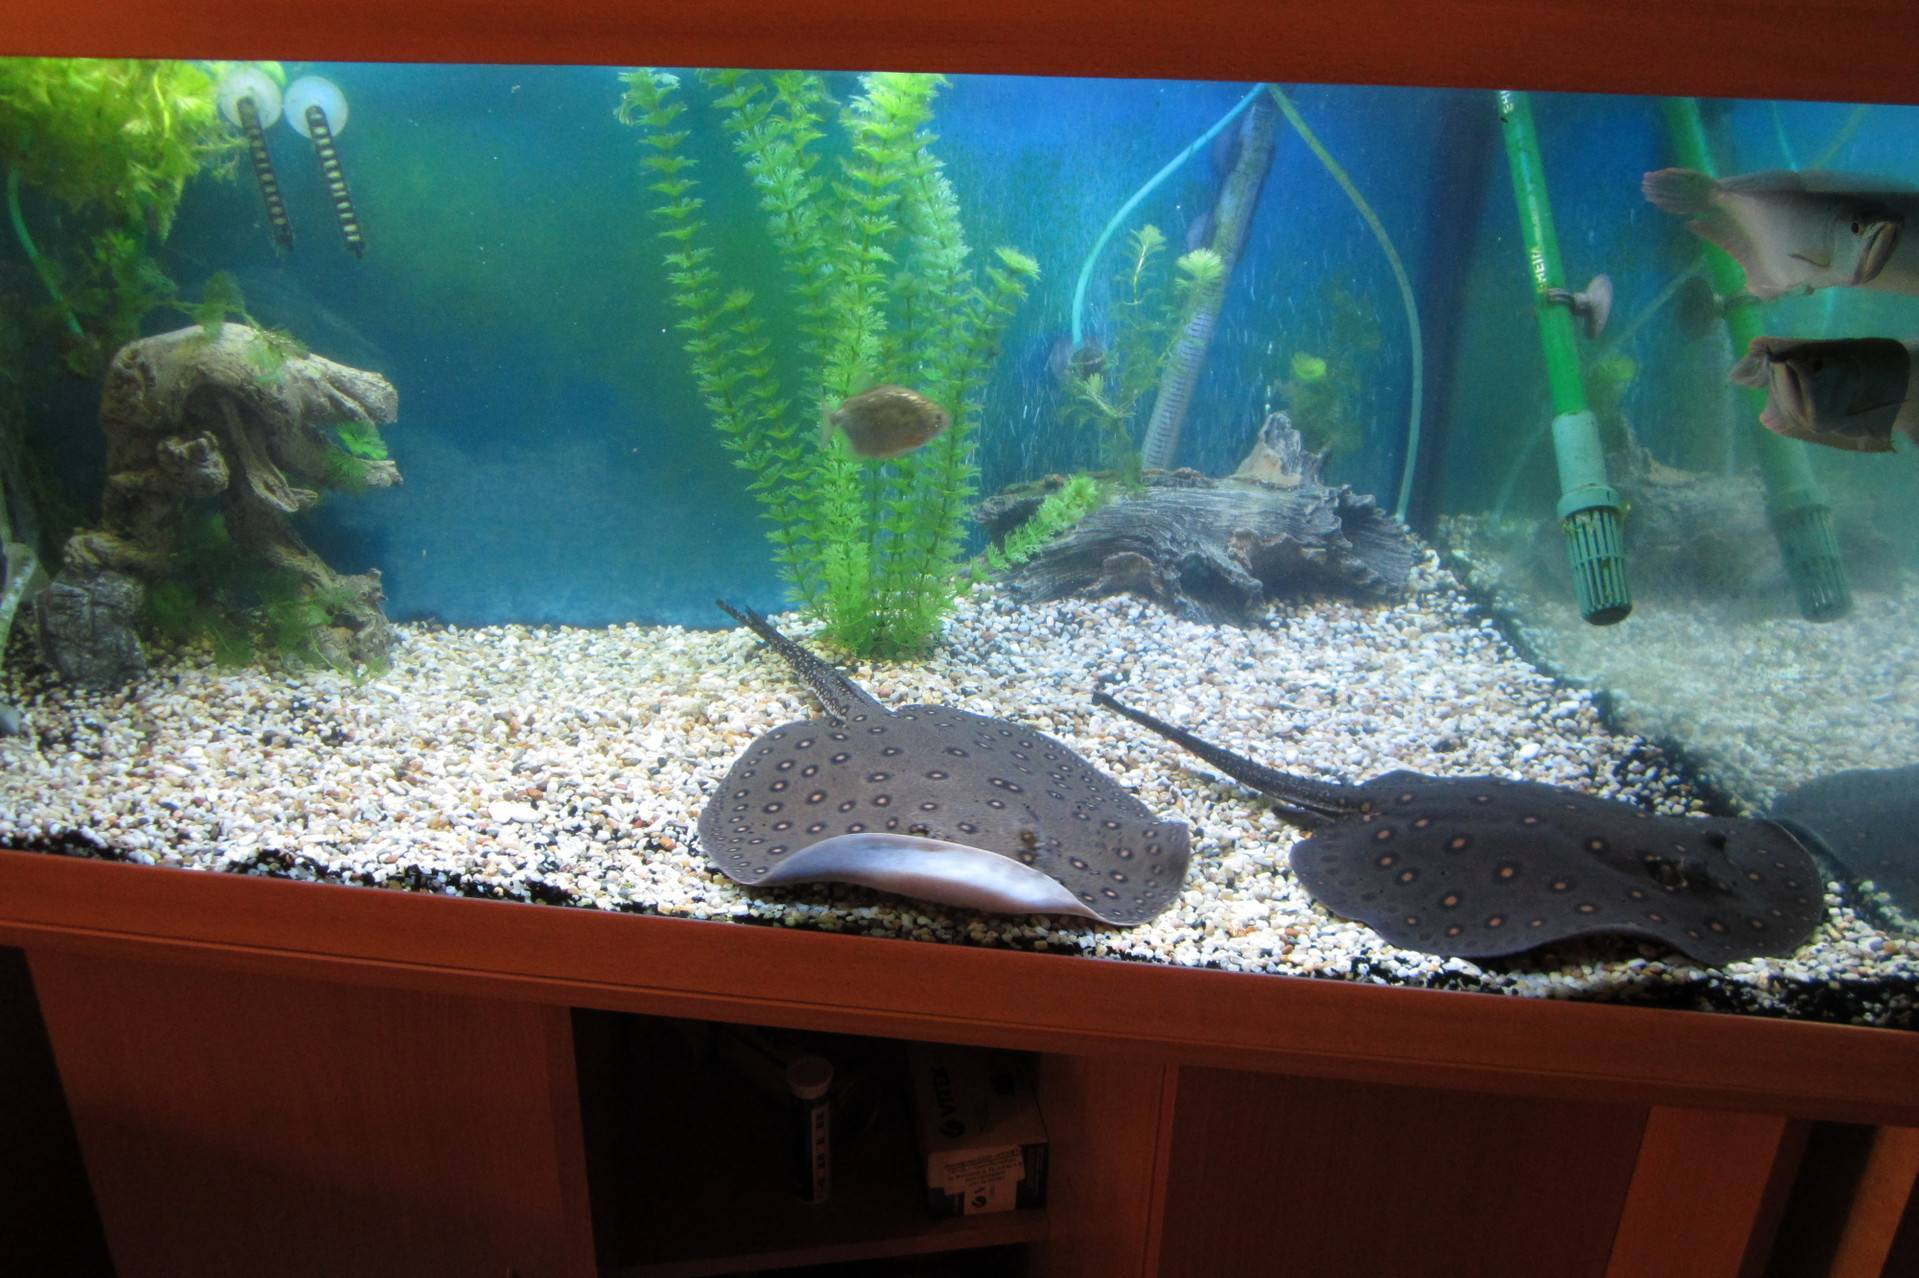 Пресноводный аквариумный скат моторо: содержание, уход, описание, совместимость, разведение, размножение, кормление, болезни